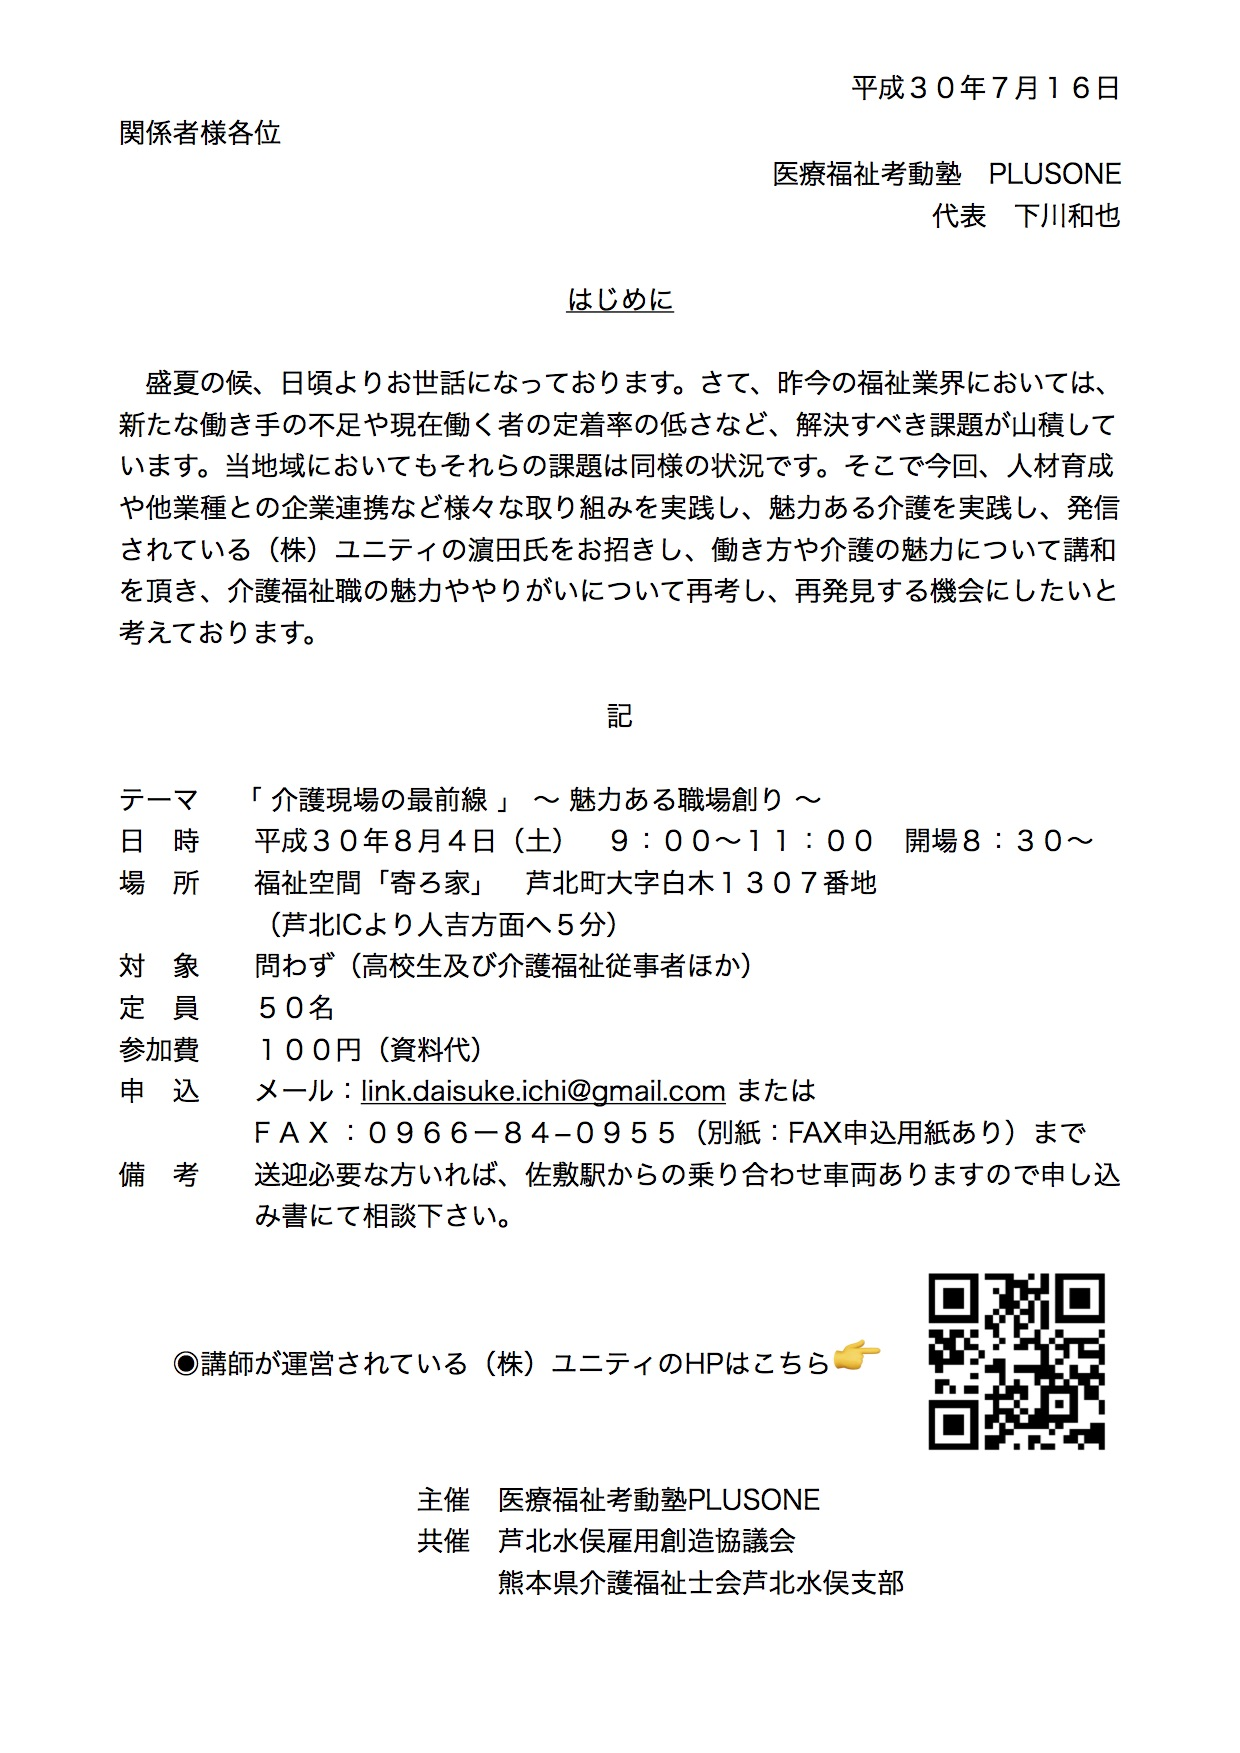 熊本県介護福祉士会 8/27 相談援助基本研修 開催のお知らせ